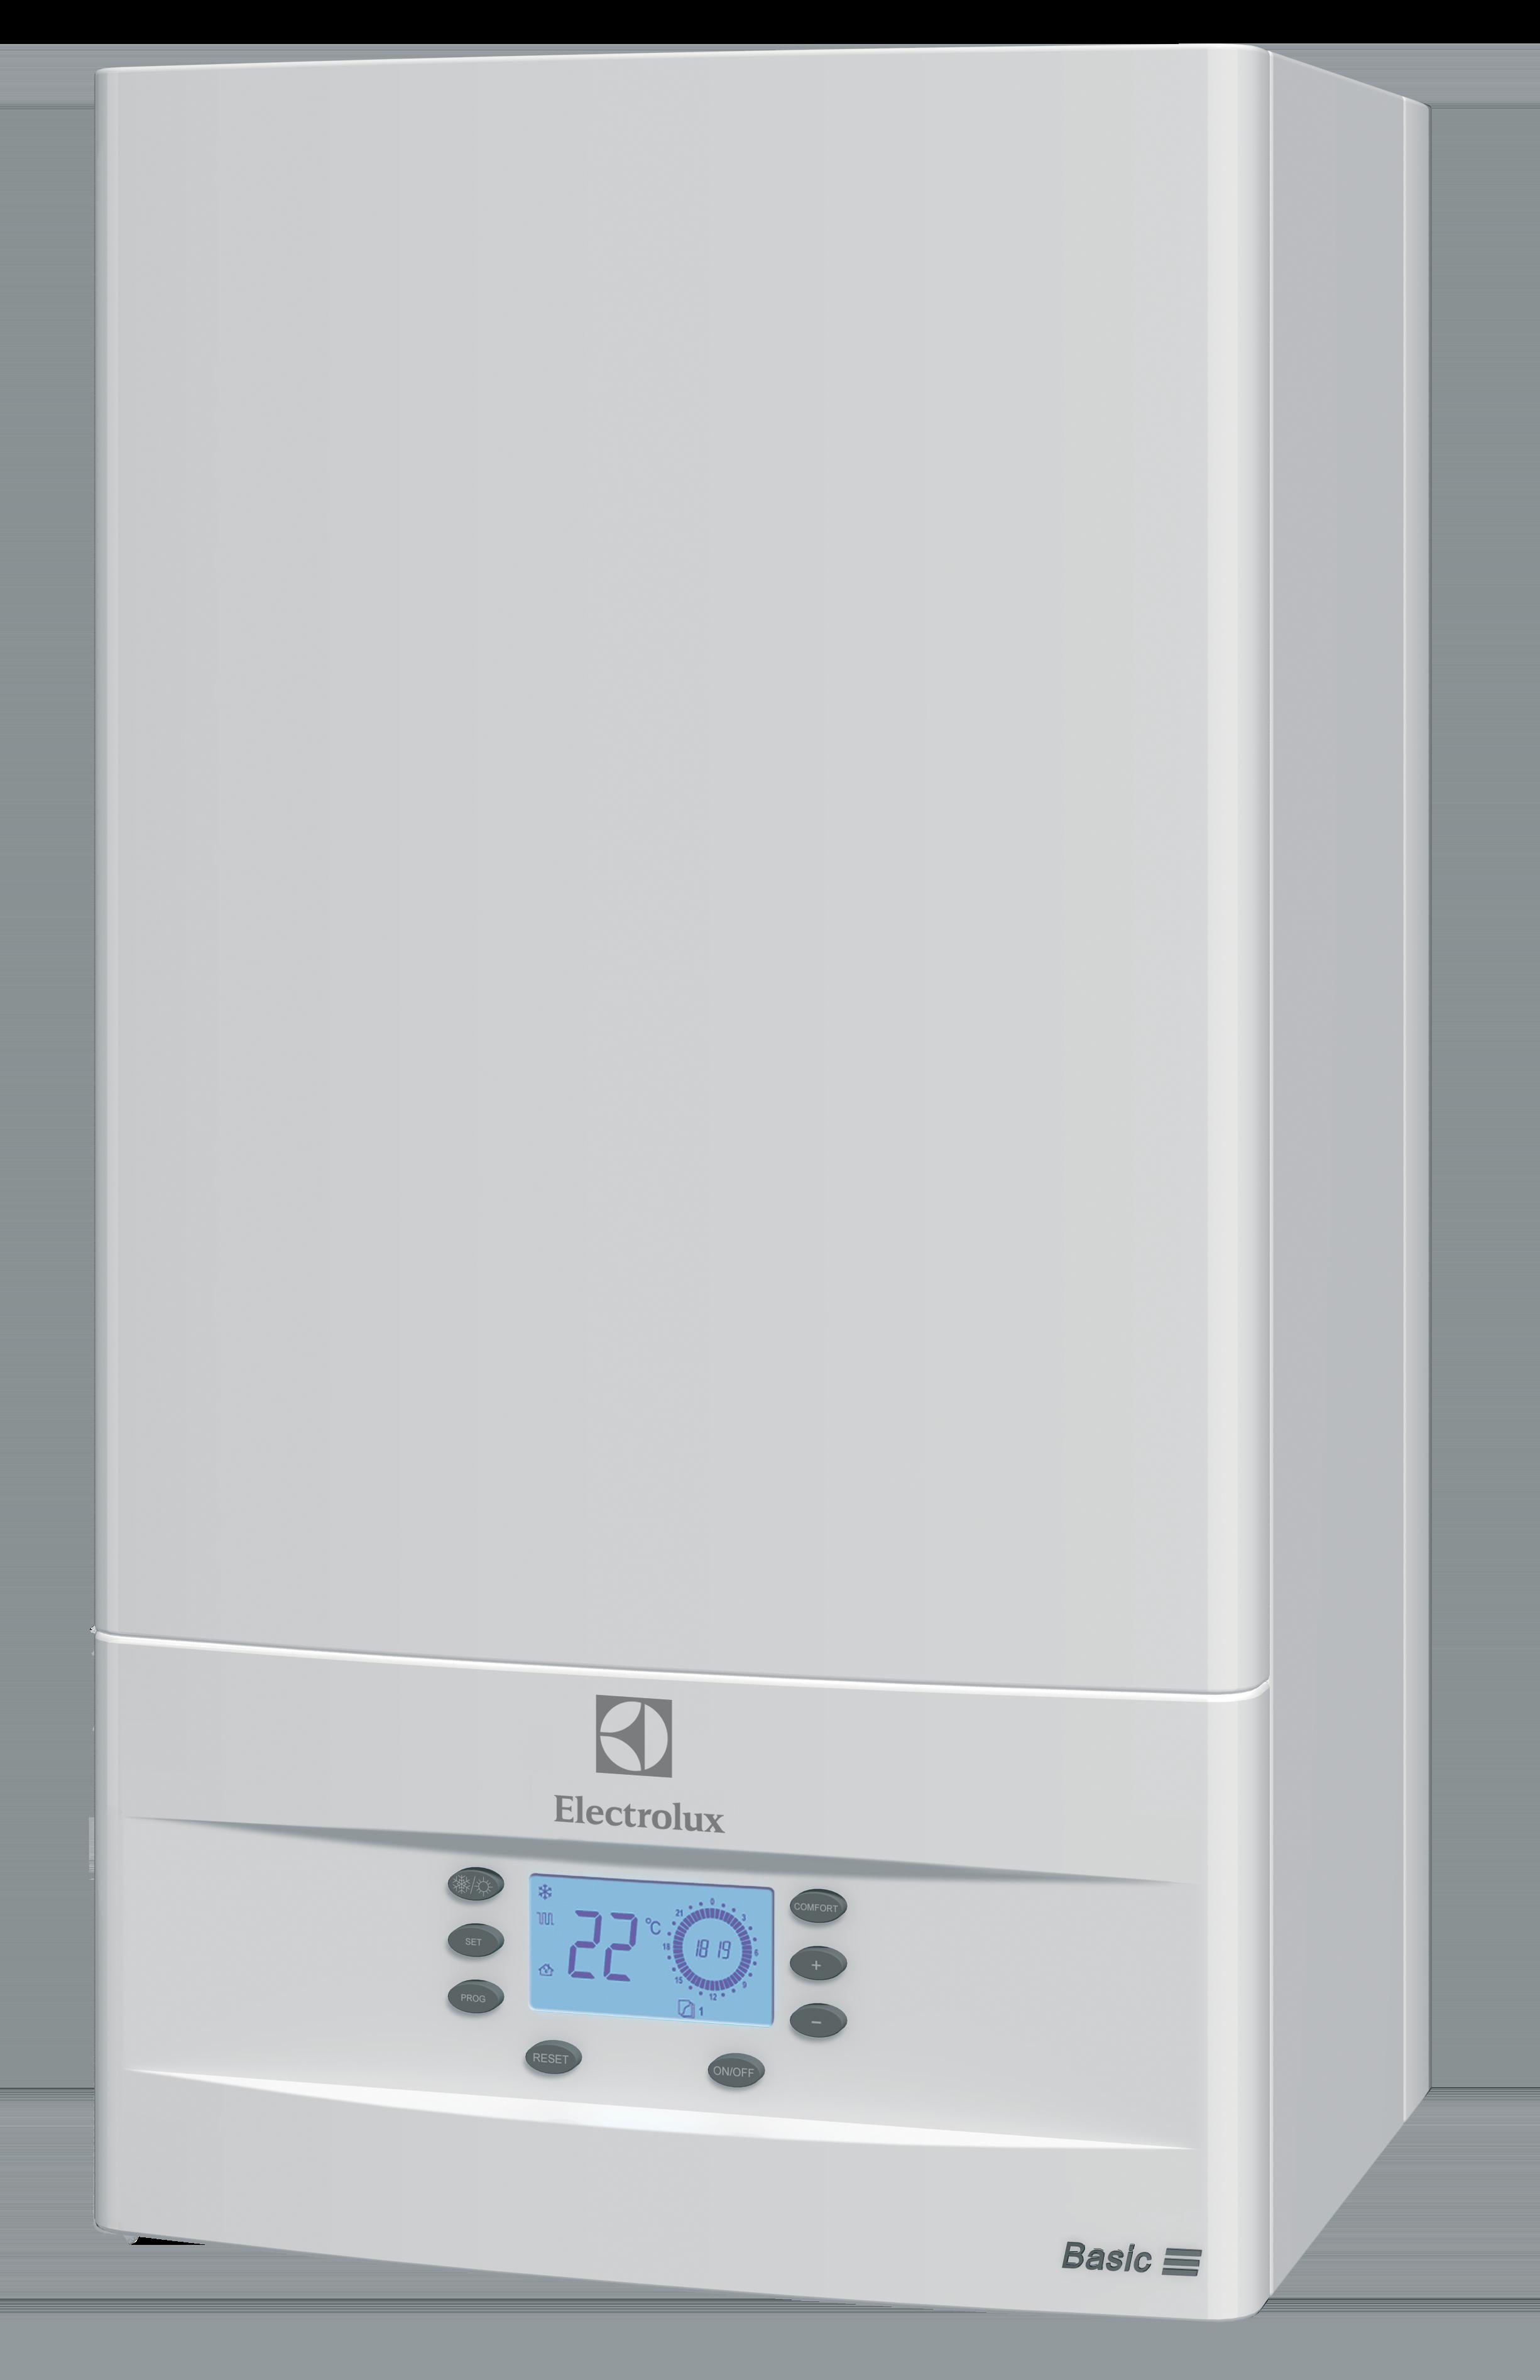 газовые котлы electrolux инструкция